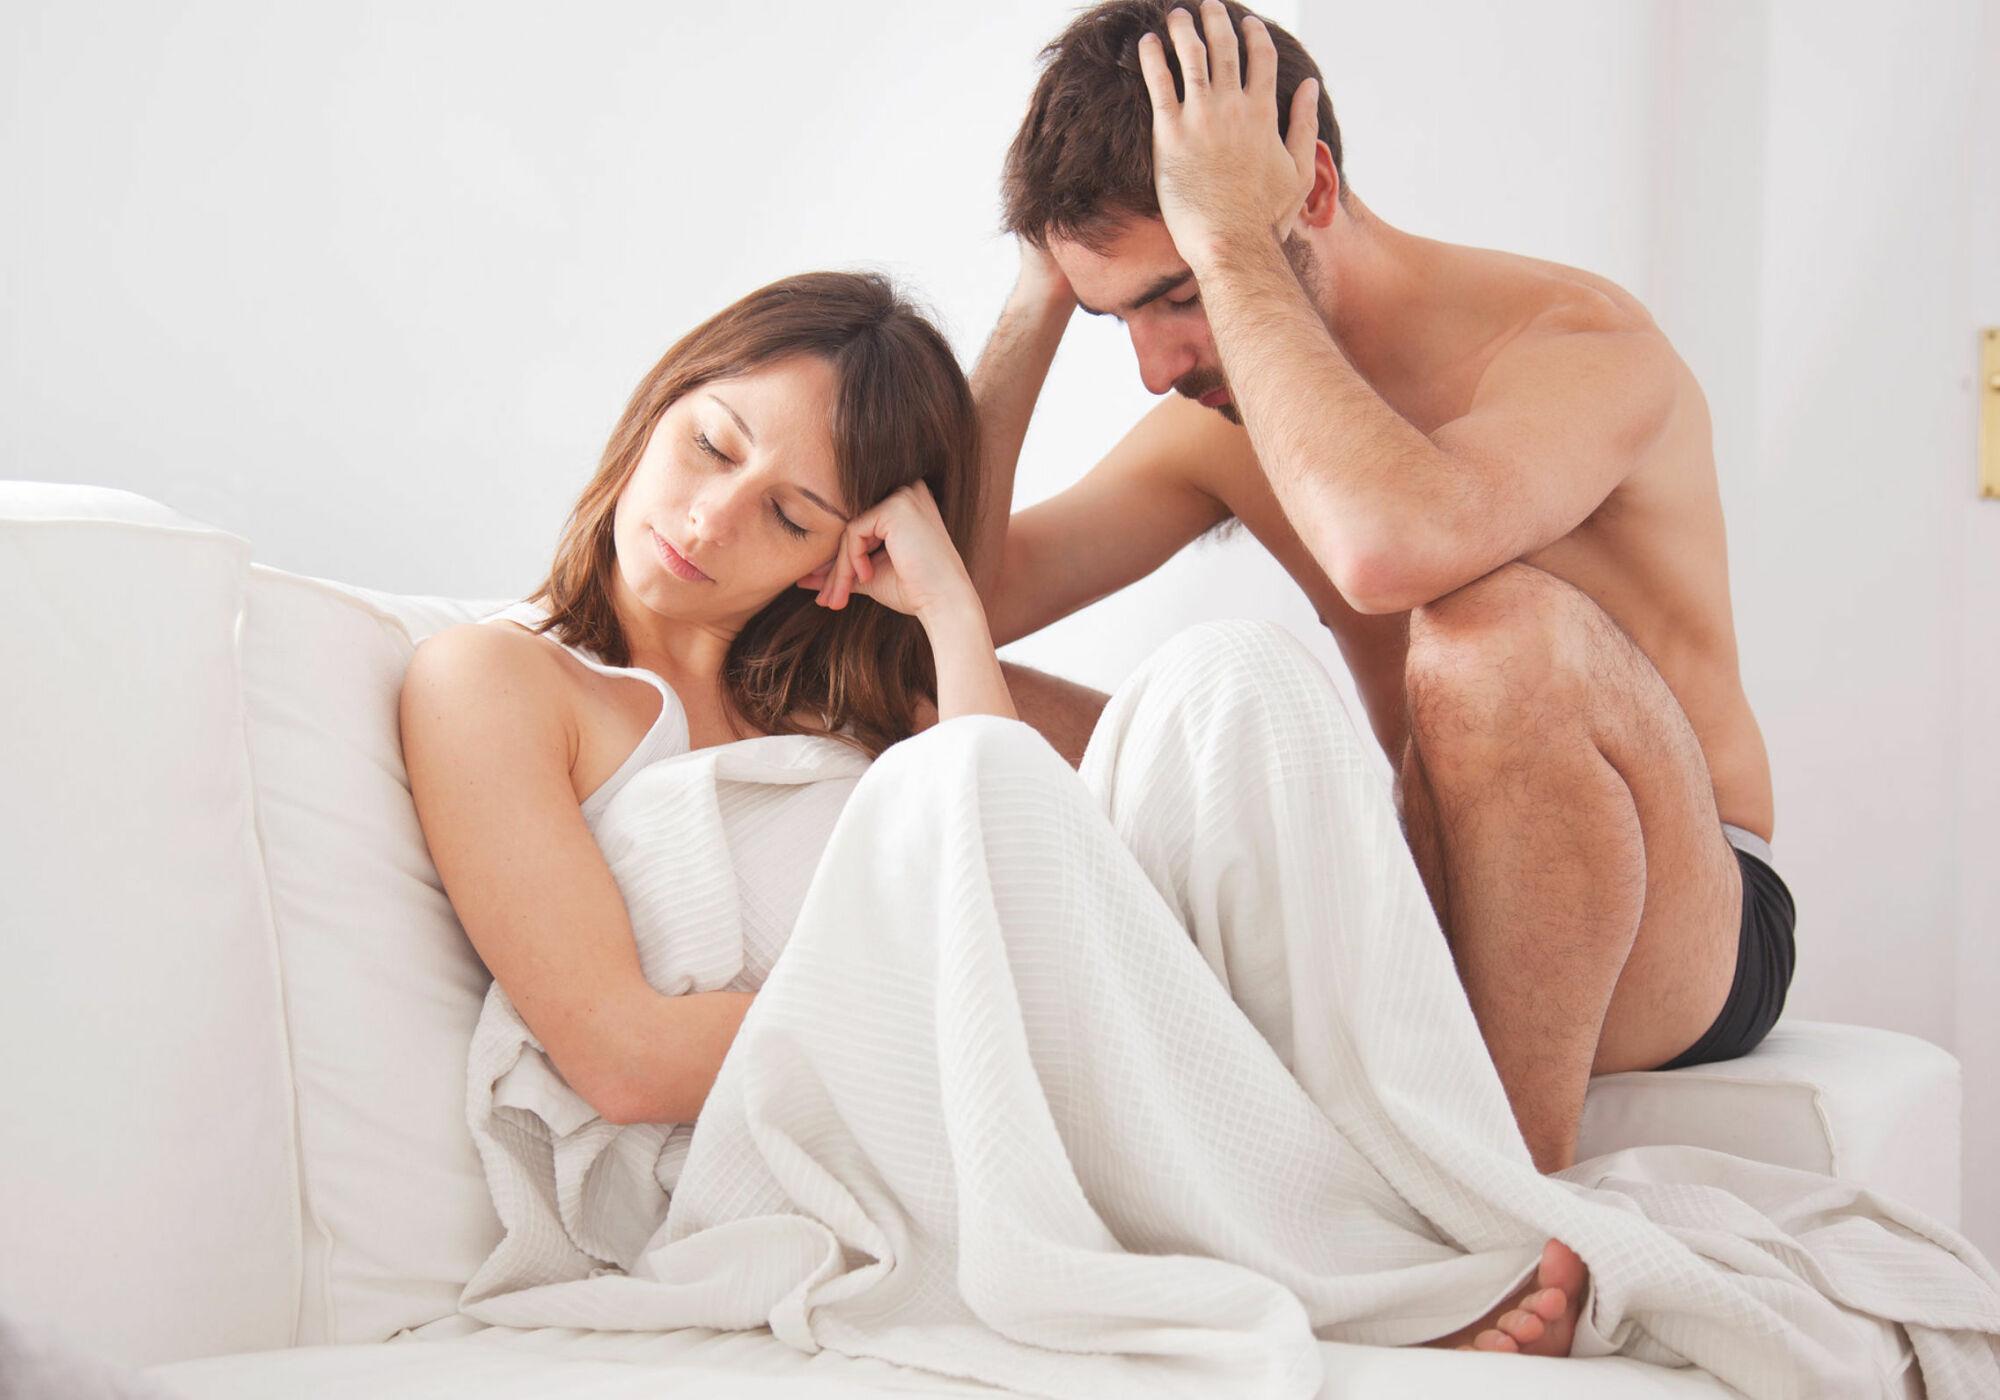 Секс муж и жена смотреть, Муж и жена - Настоящее порно мужа и жены! 12 фотография